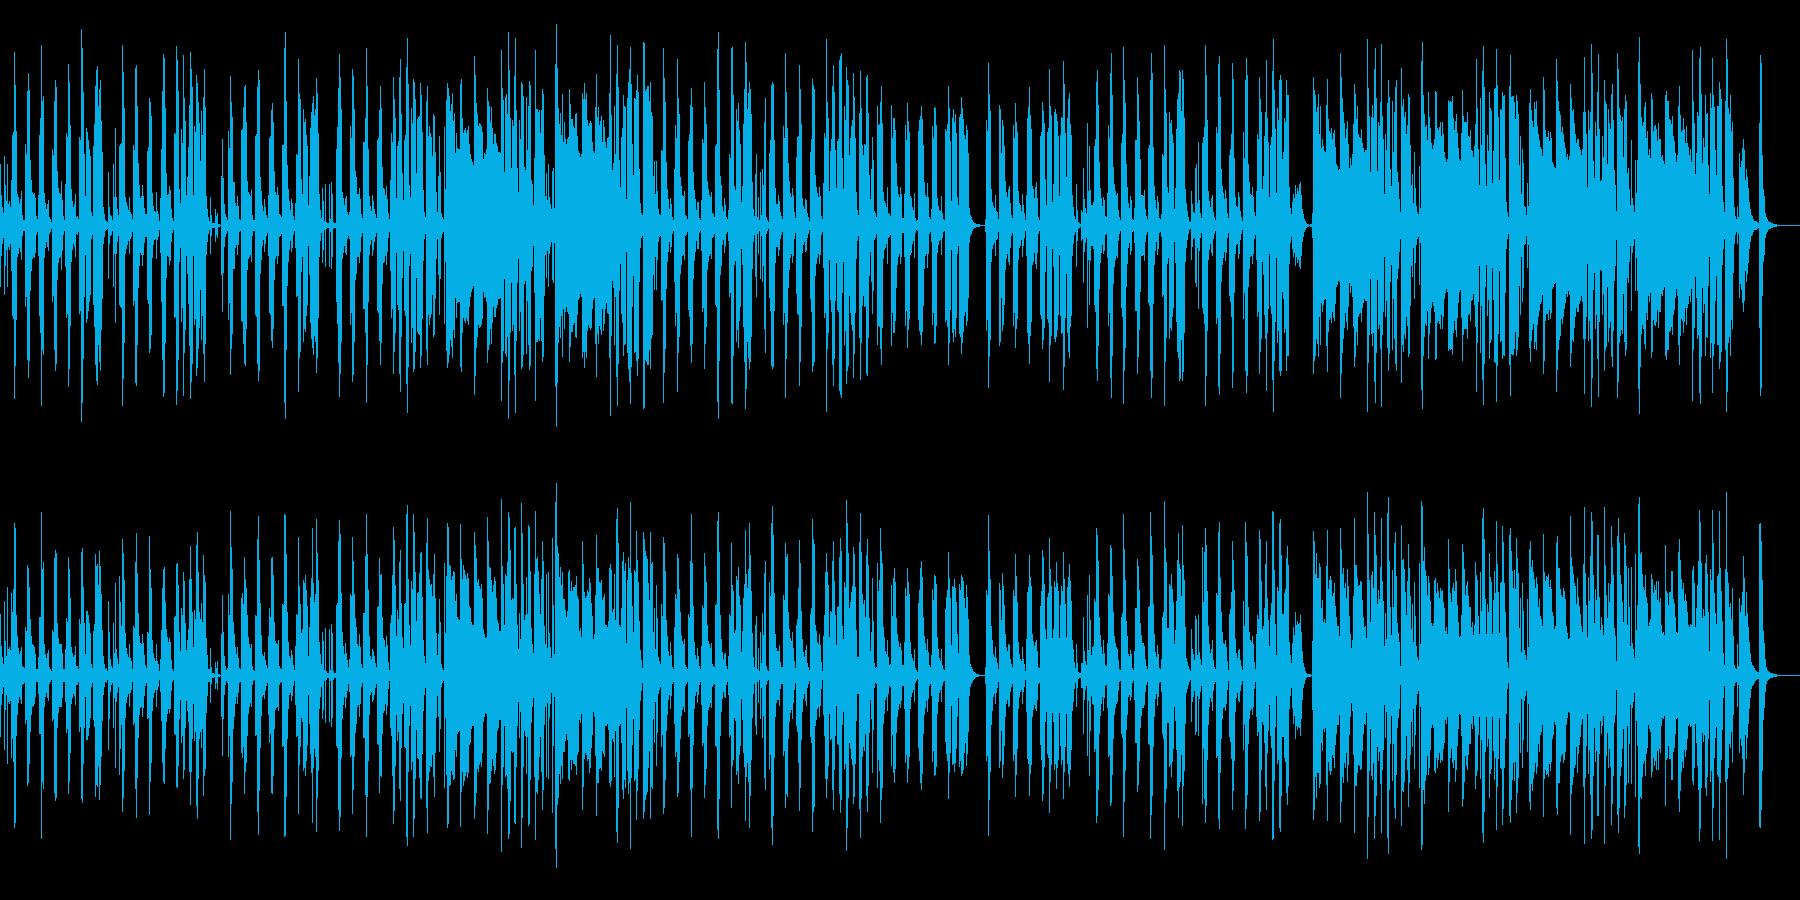 妖艶でコミカルなサックスのジャズ風曲の再生済みの波形